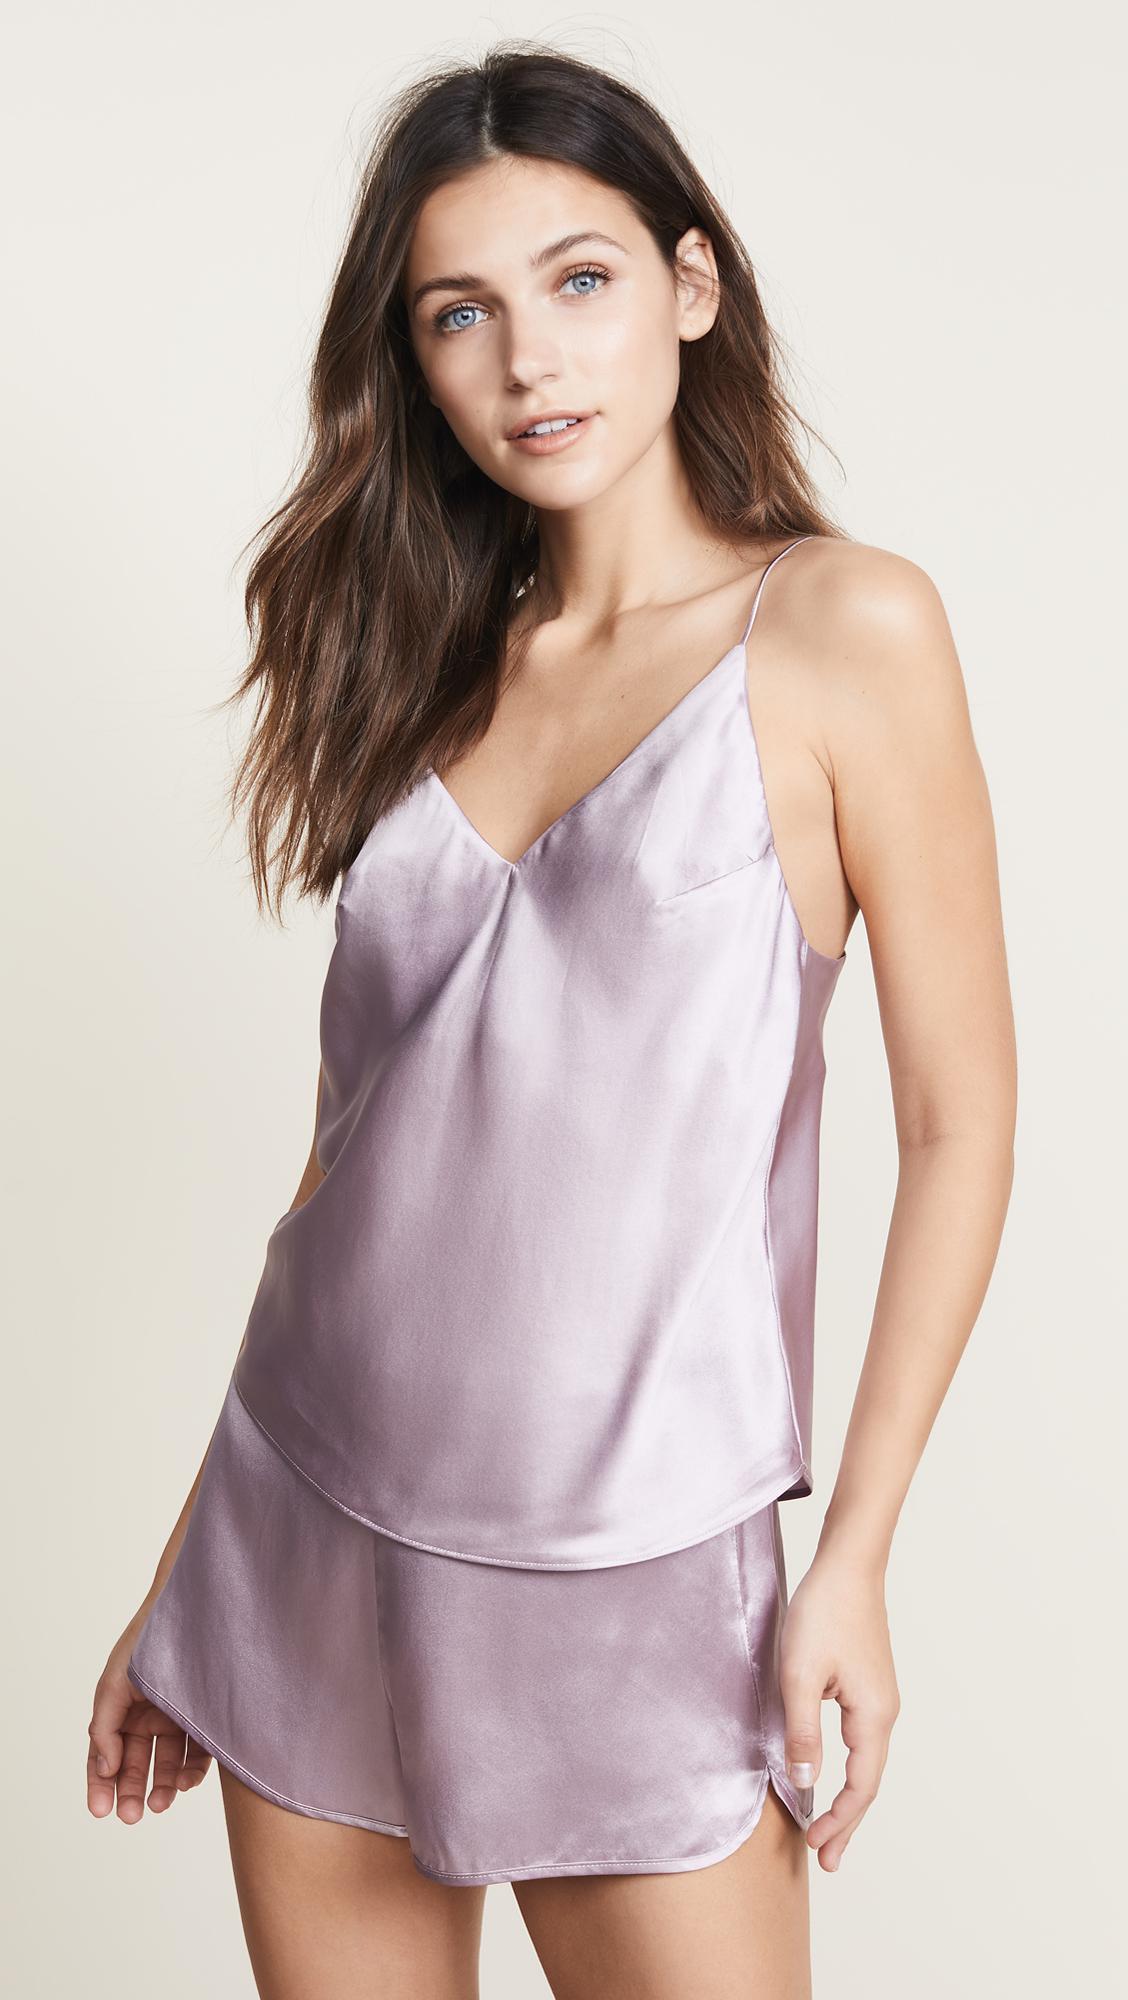 Luxe V-Neck Cami in Purple Fleur du Mal Sale Professional TS6OAP4Oq